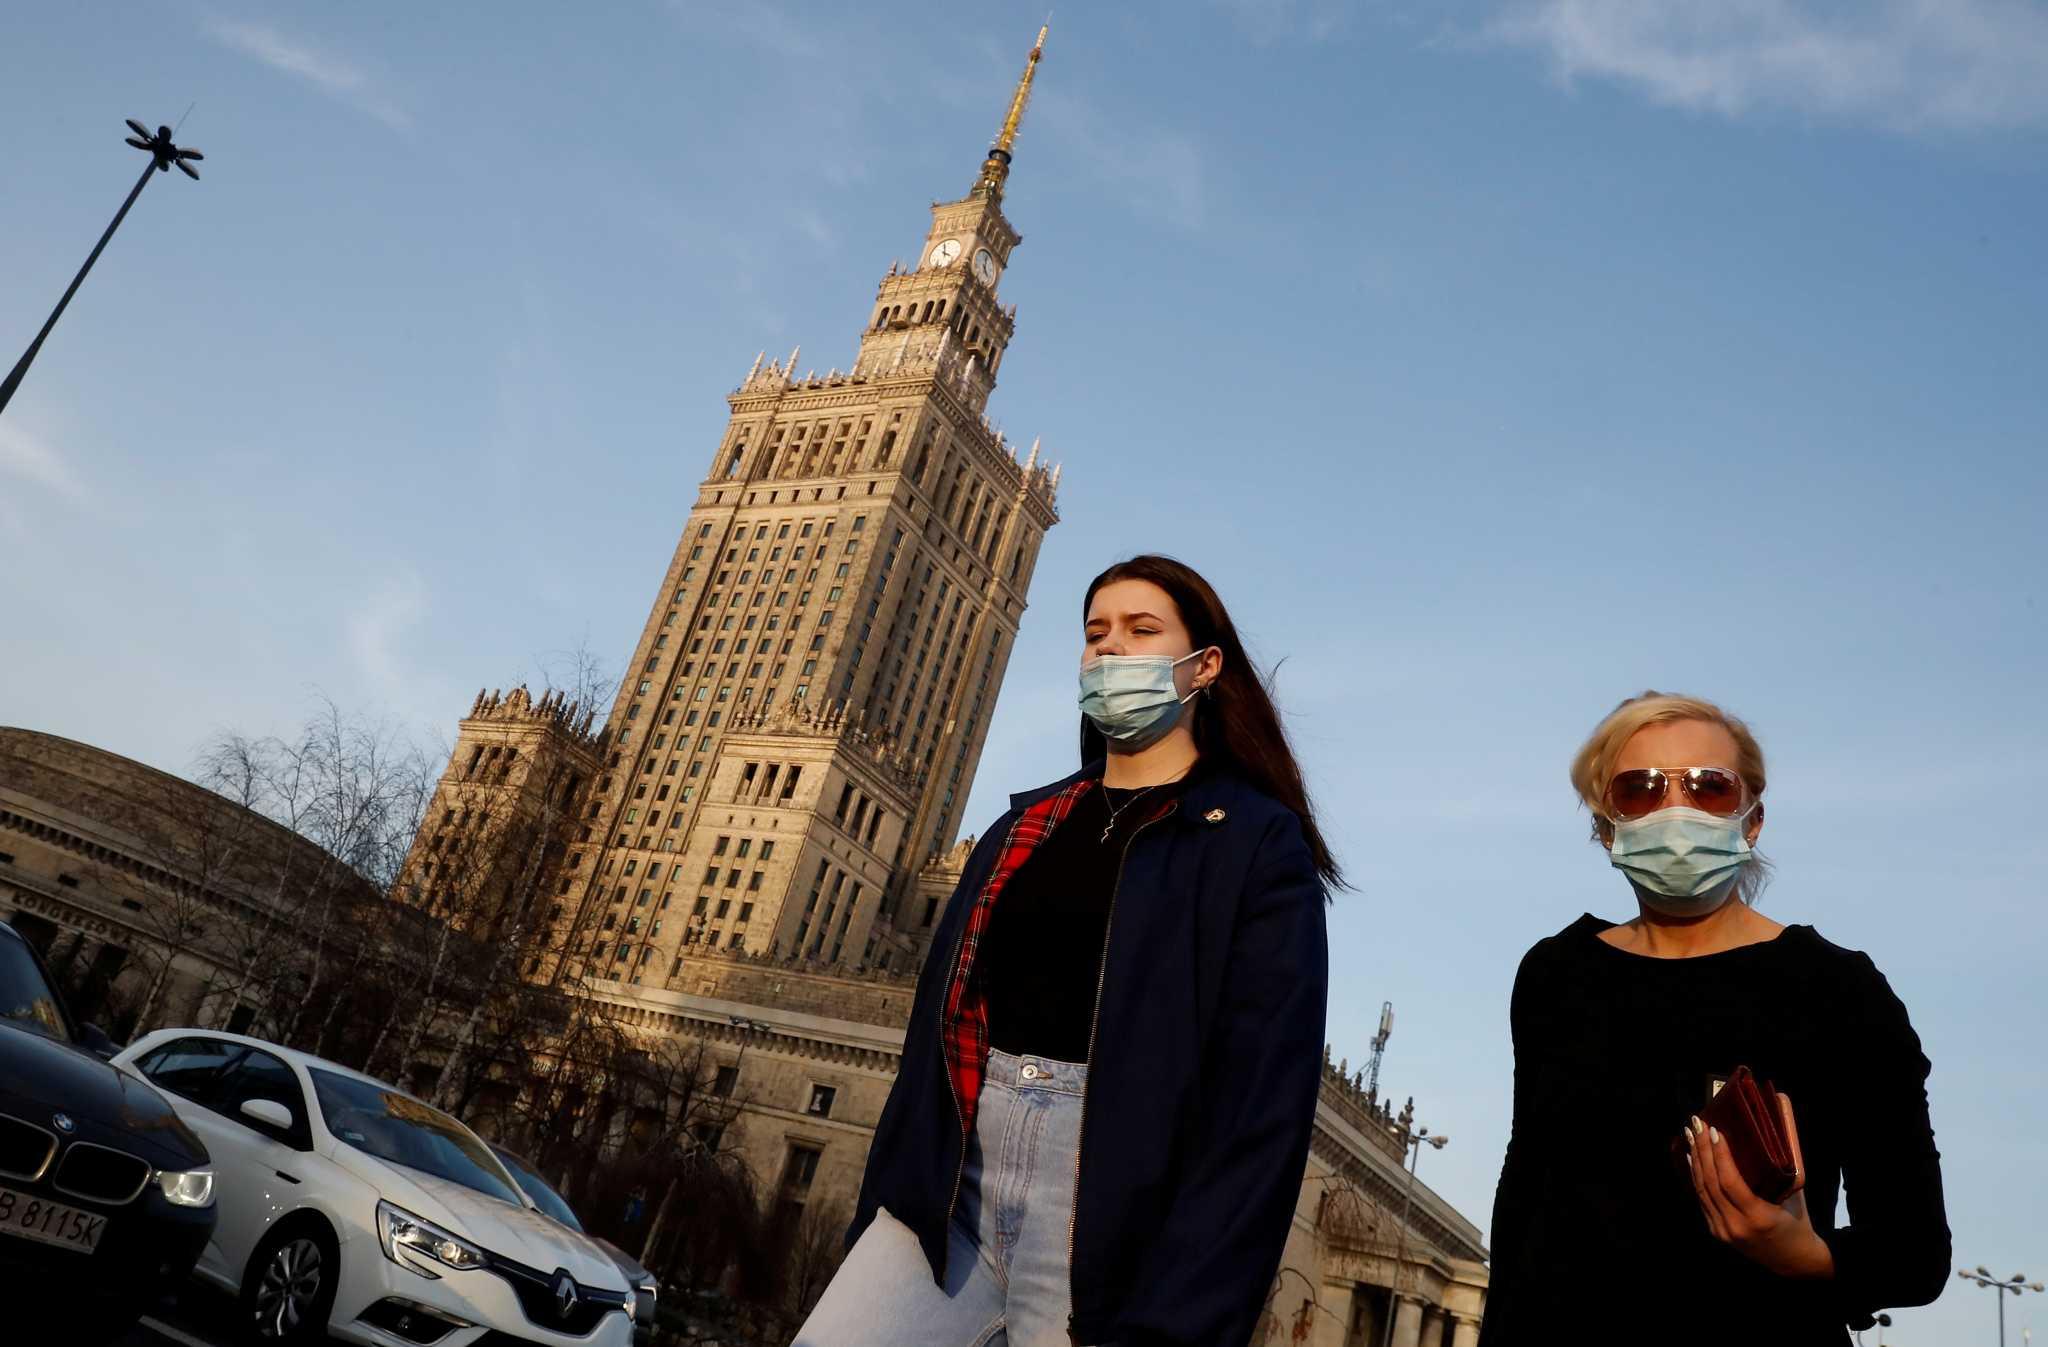 Πολωνία: 803 νέοι θάνατοι από κορονοϊό αλλά ανοίγουν νηπιαγωγεία και υπαίθριες αθλητικές εγκαταστάσεις